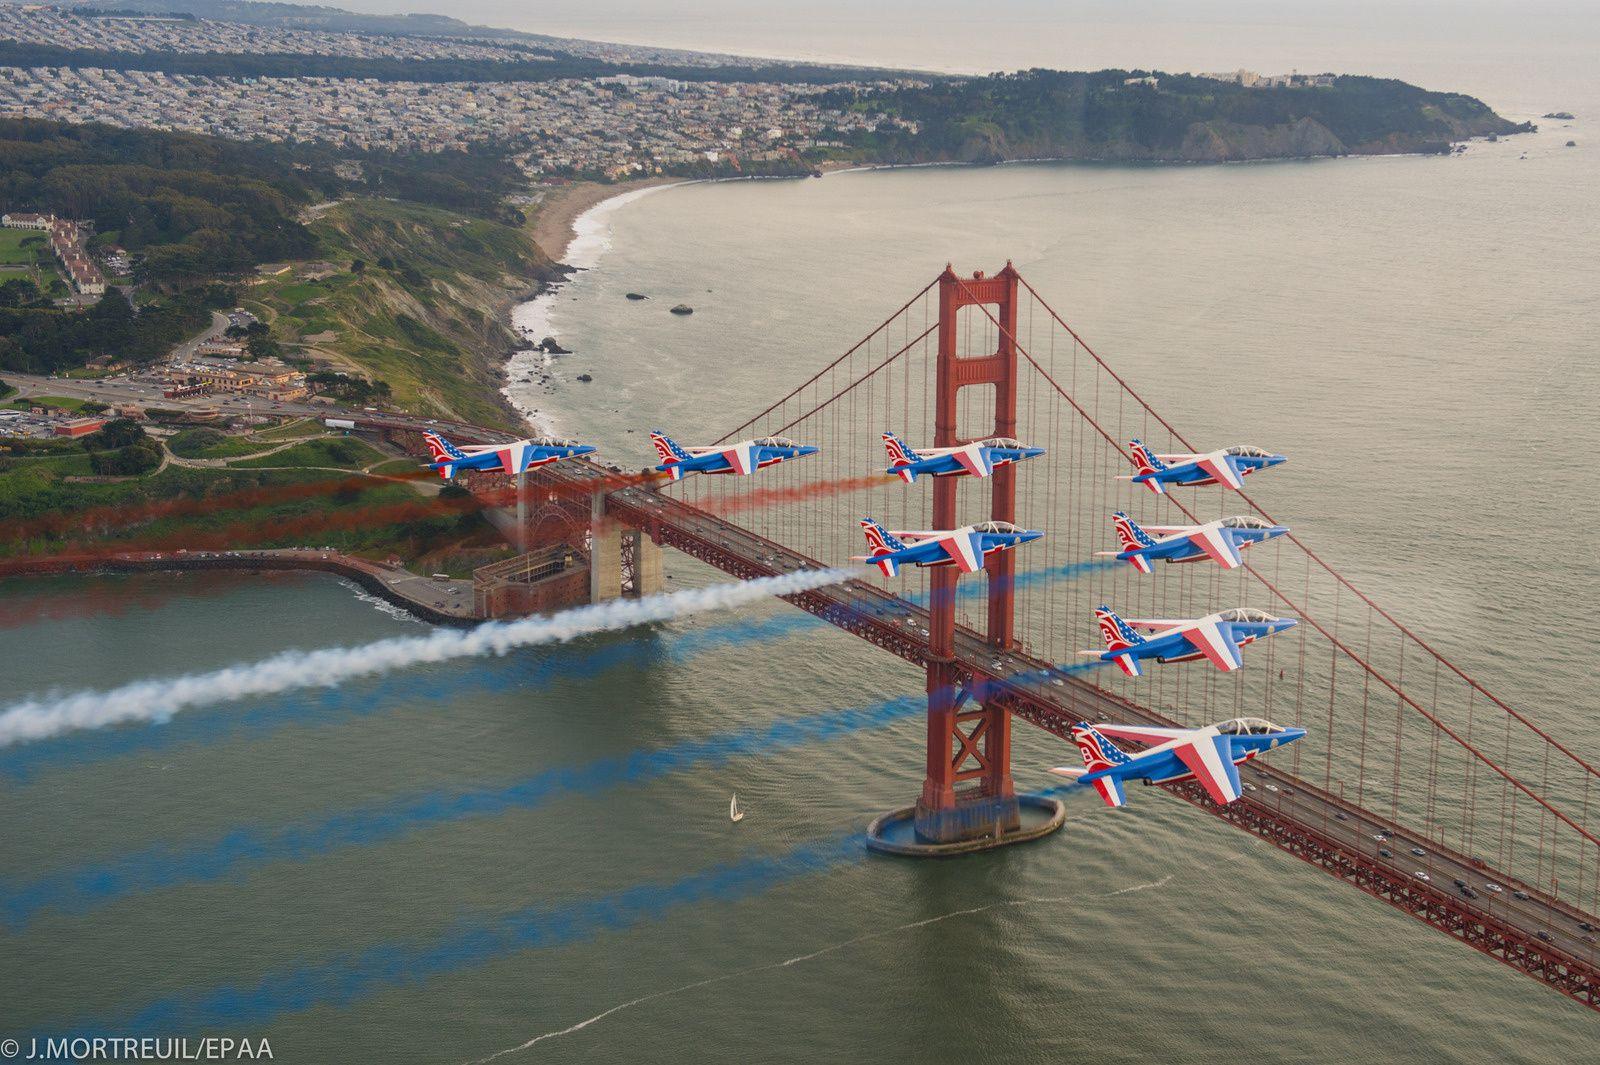 PAF US Tour : La Patrouille de France survole la mythique San Francisco